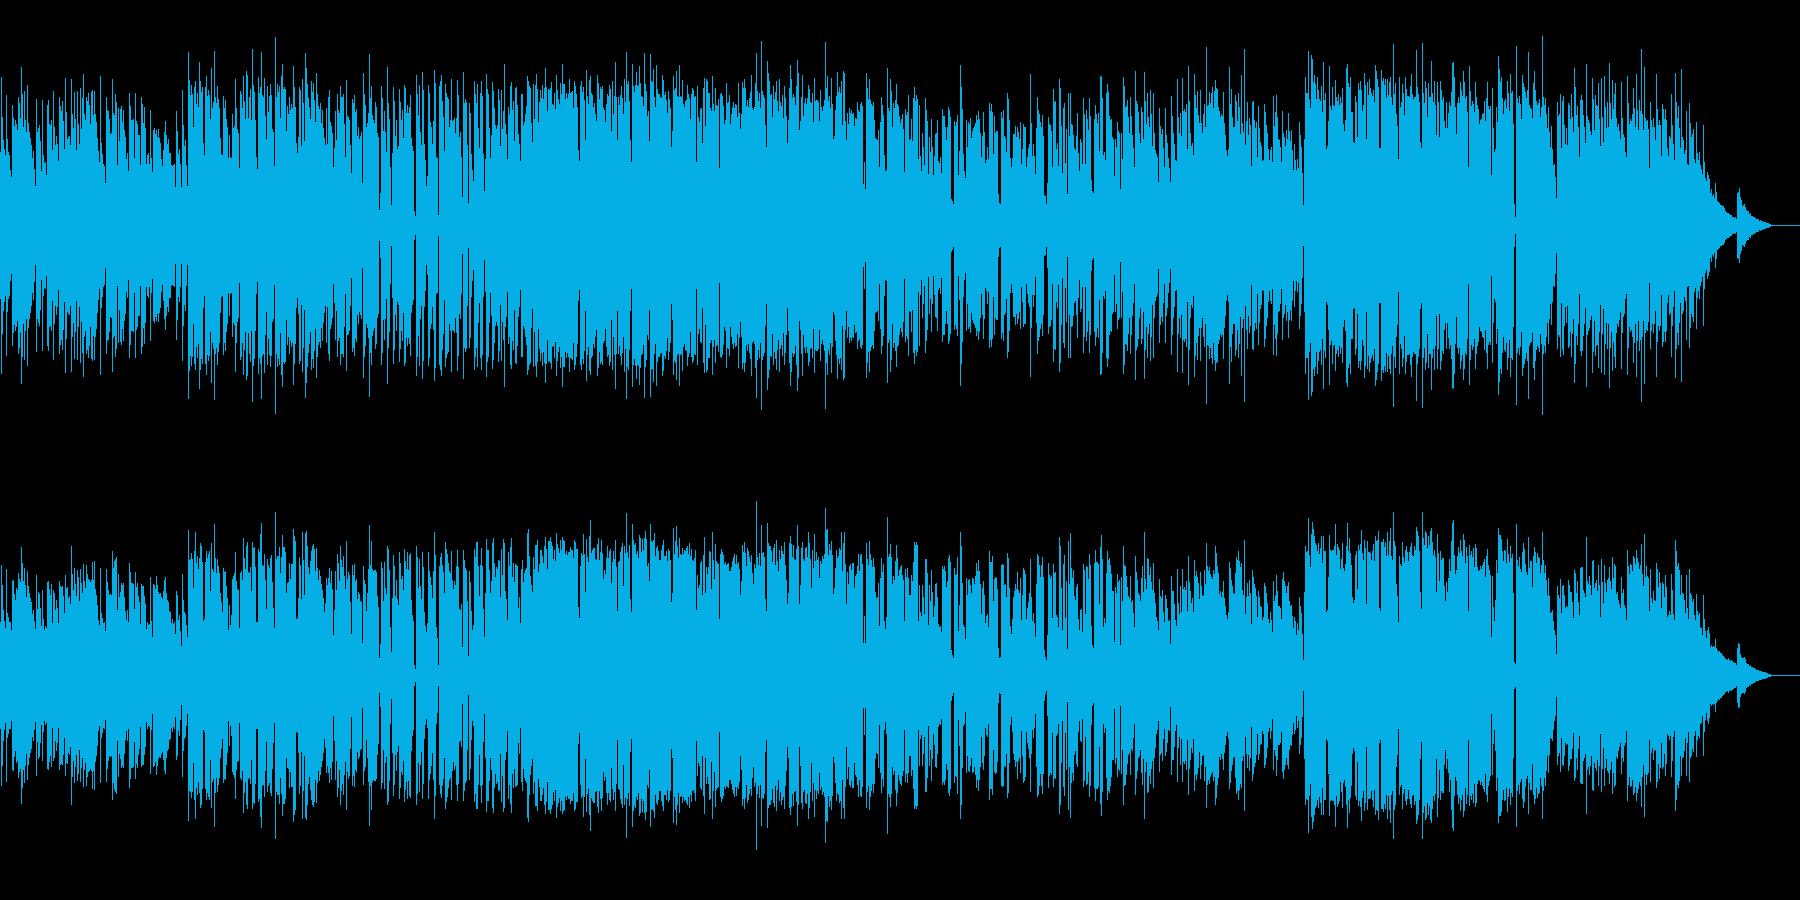 アコギが美しいバラードの再生済みの波形